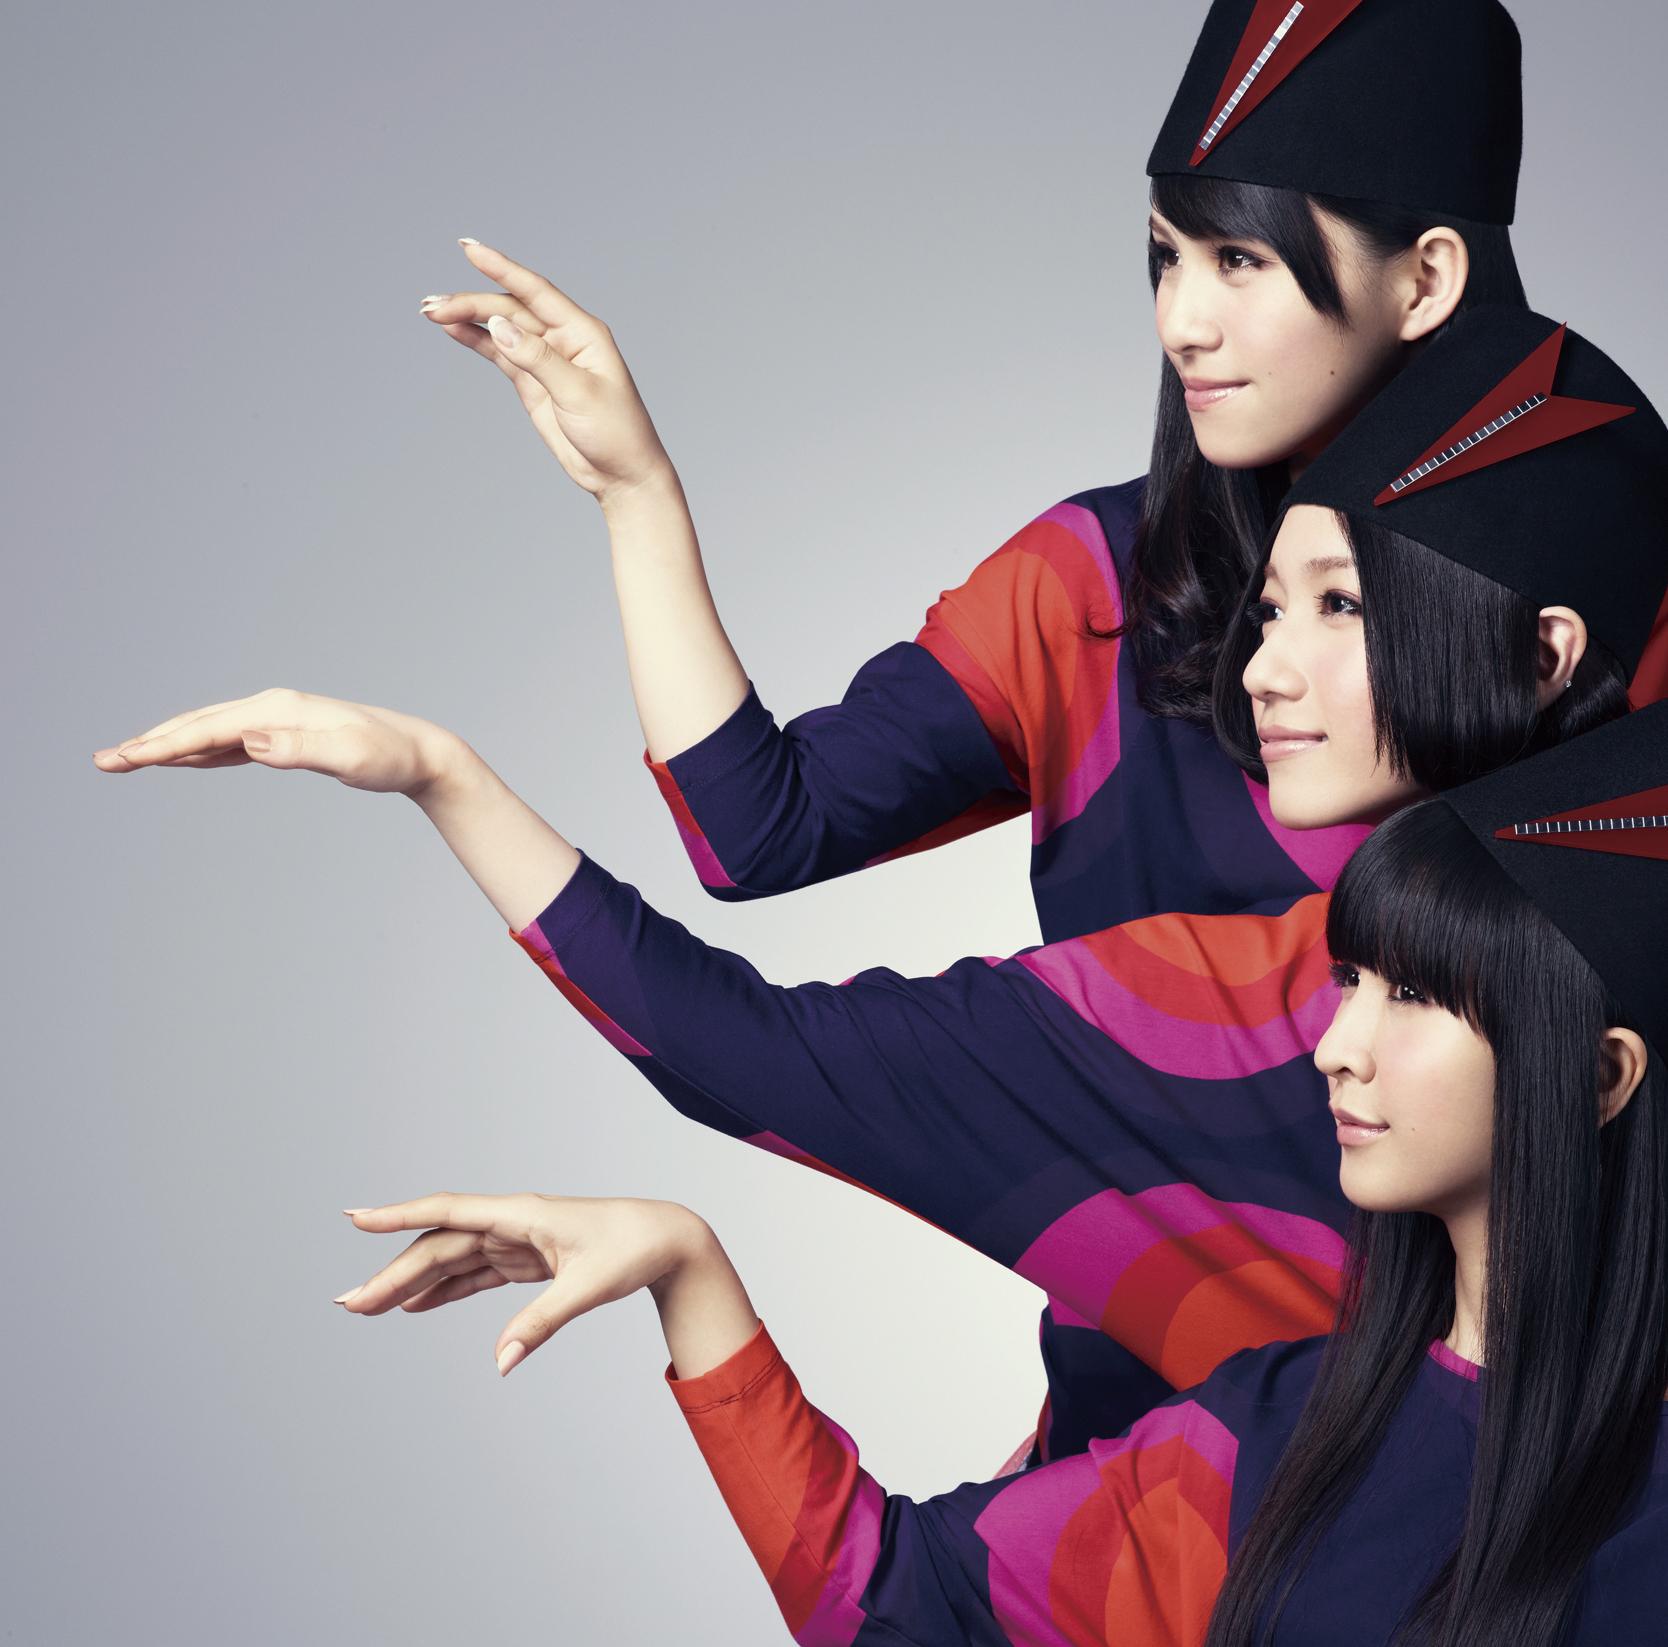 Perfume (パフューム) 12thシングル『ねぇ』通常盤 (2010年) 高画質ジャケット画像